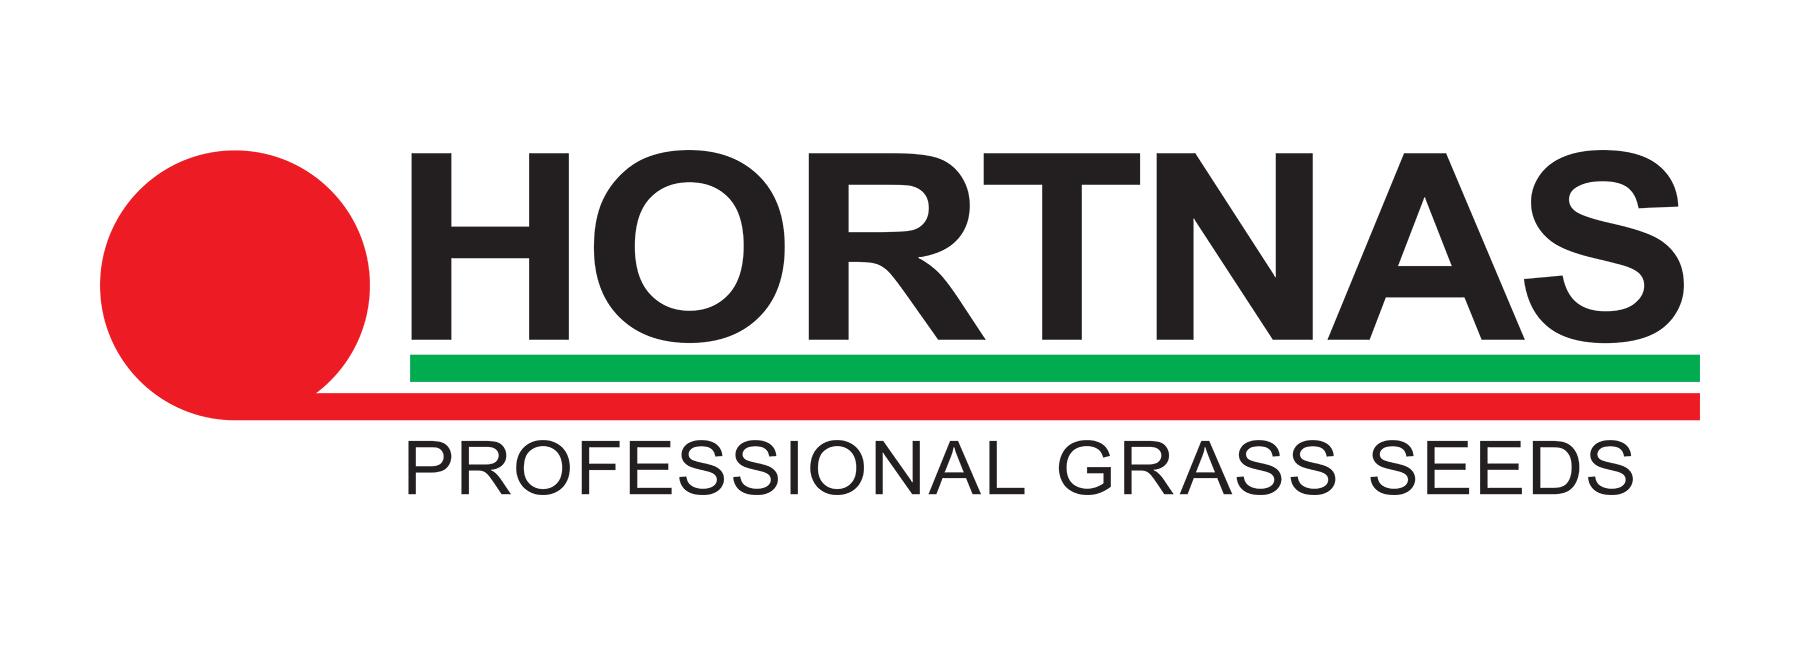 Hortnas Logo